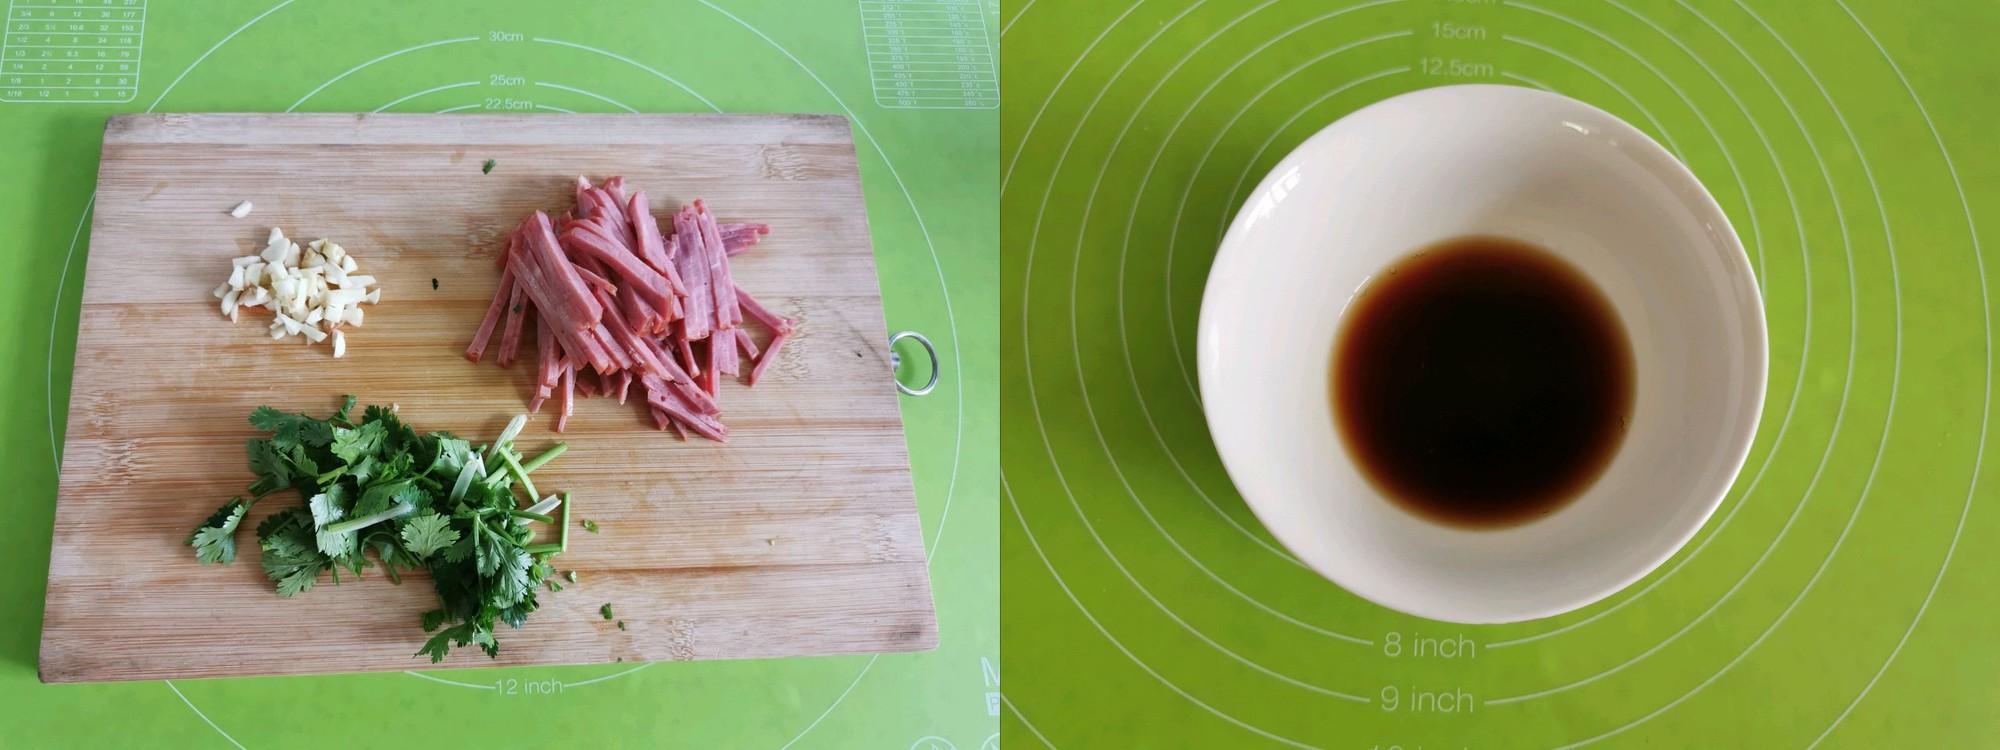 Ăn kiêng giảm cân không thể không biết đến món nấm trộn ngon xuất sắc này - Ảnh 3.